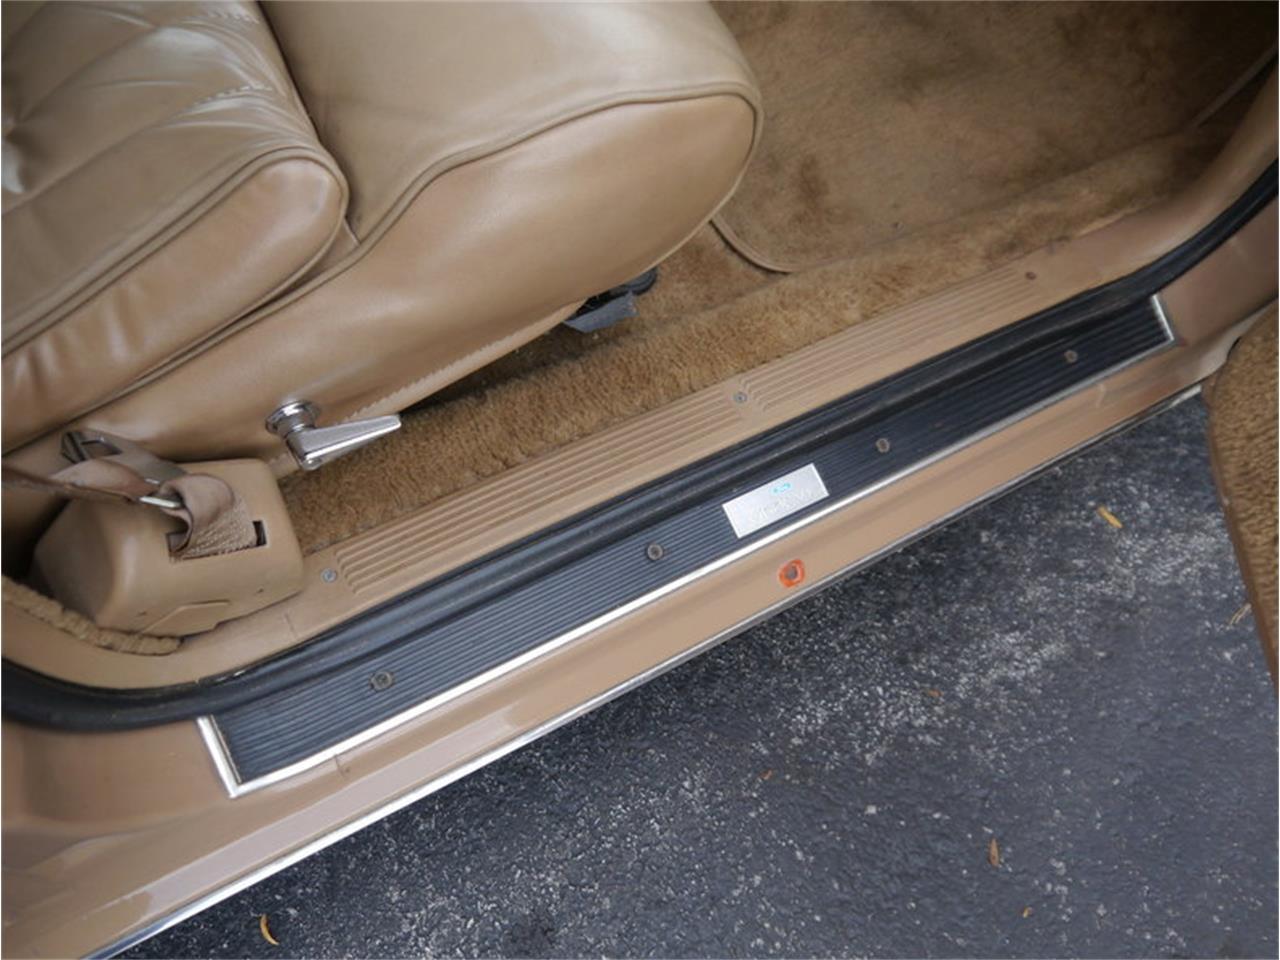 Large Picture of '83 Lincoln Continental Mark VI located in Alsip Illinois - $7,900.00 - M7E3